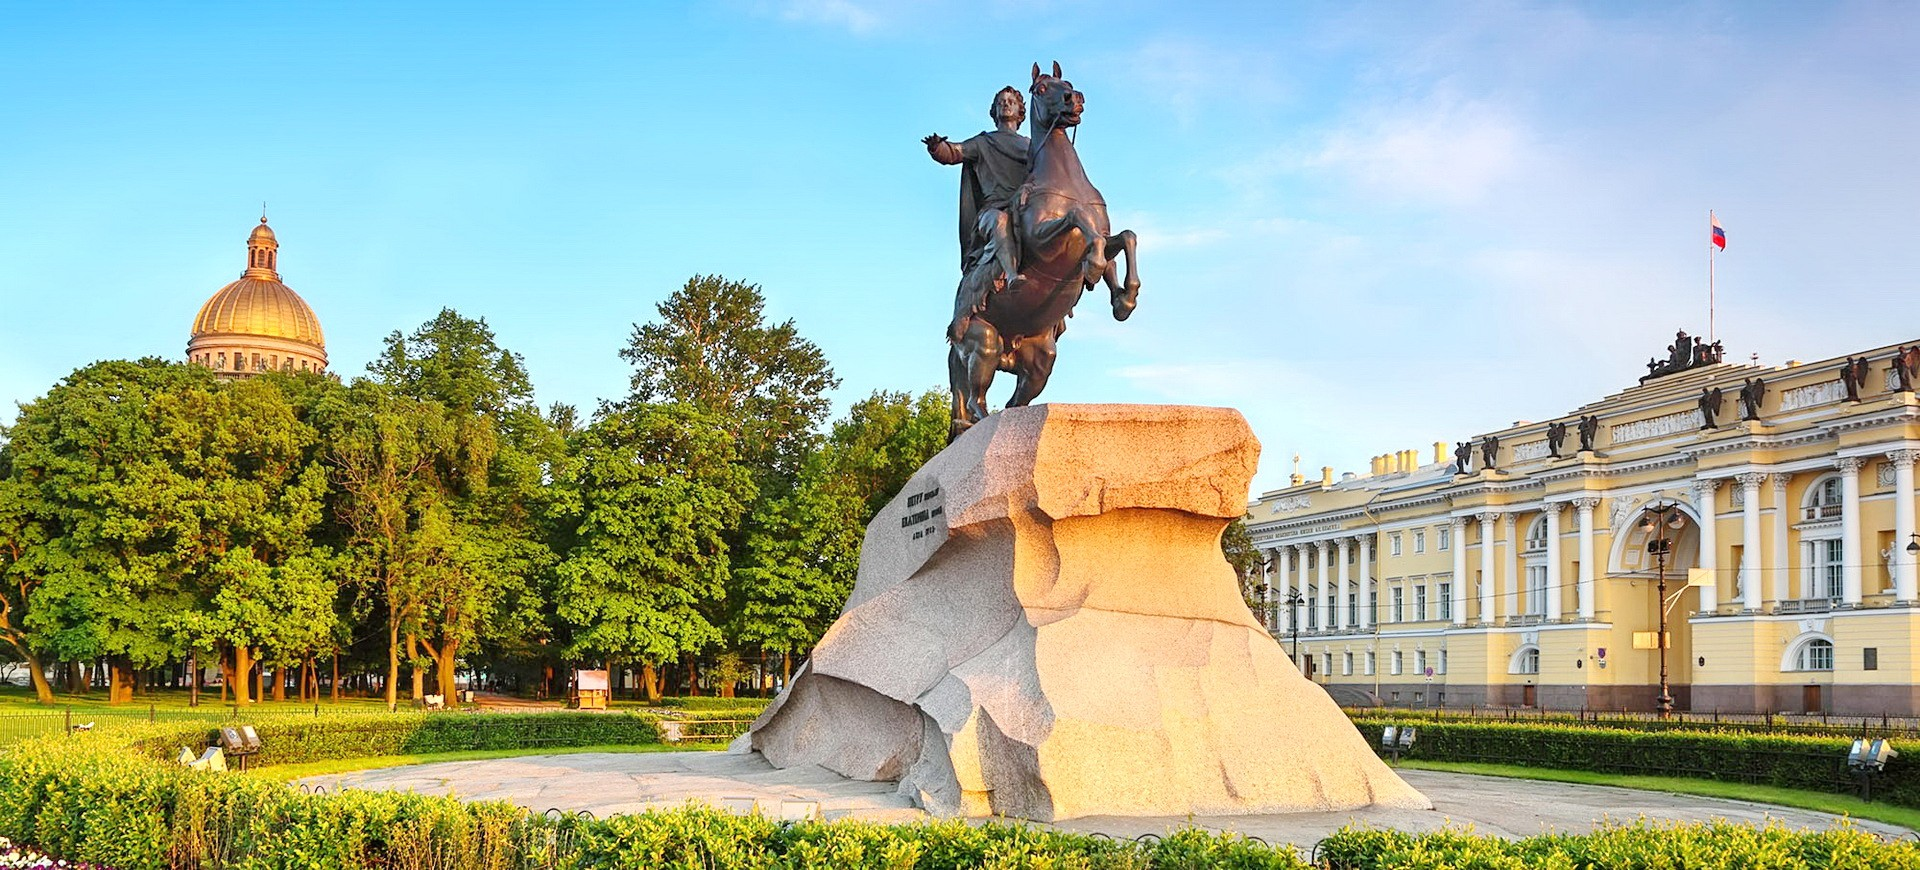 Russie Saint Petersbourg Cavalier en Bronze